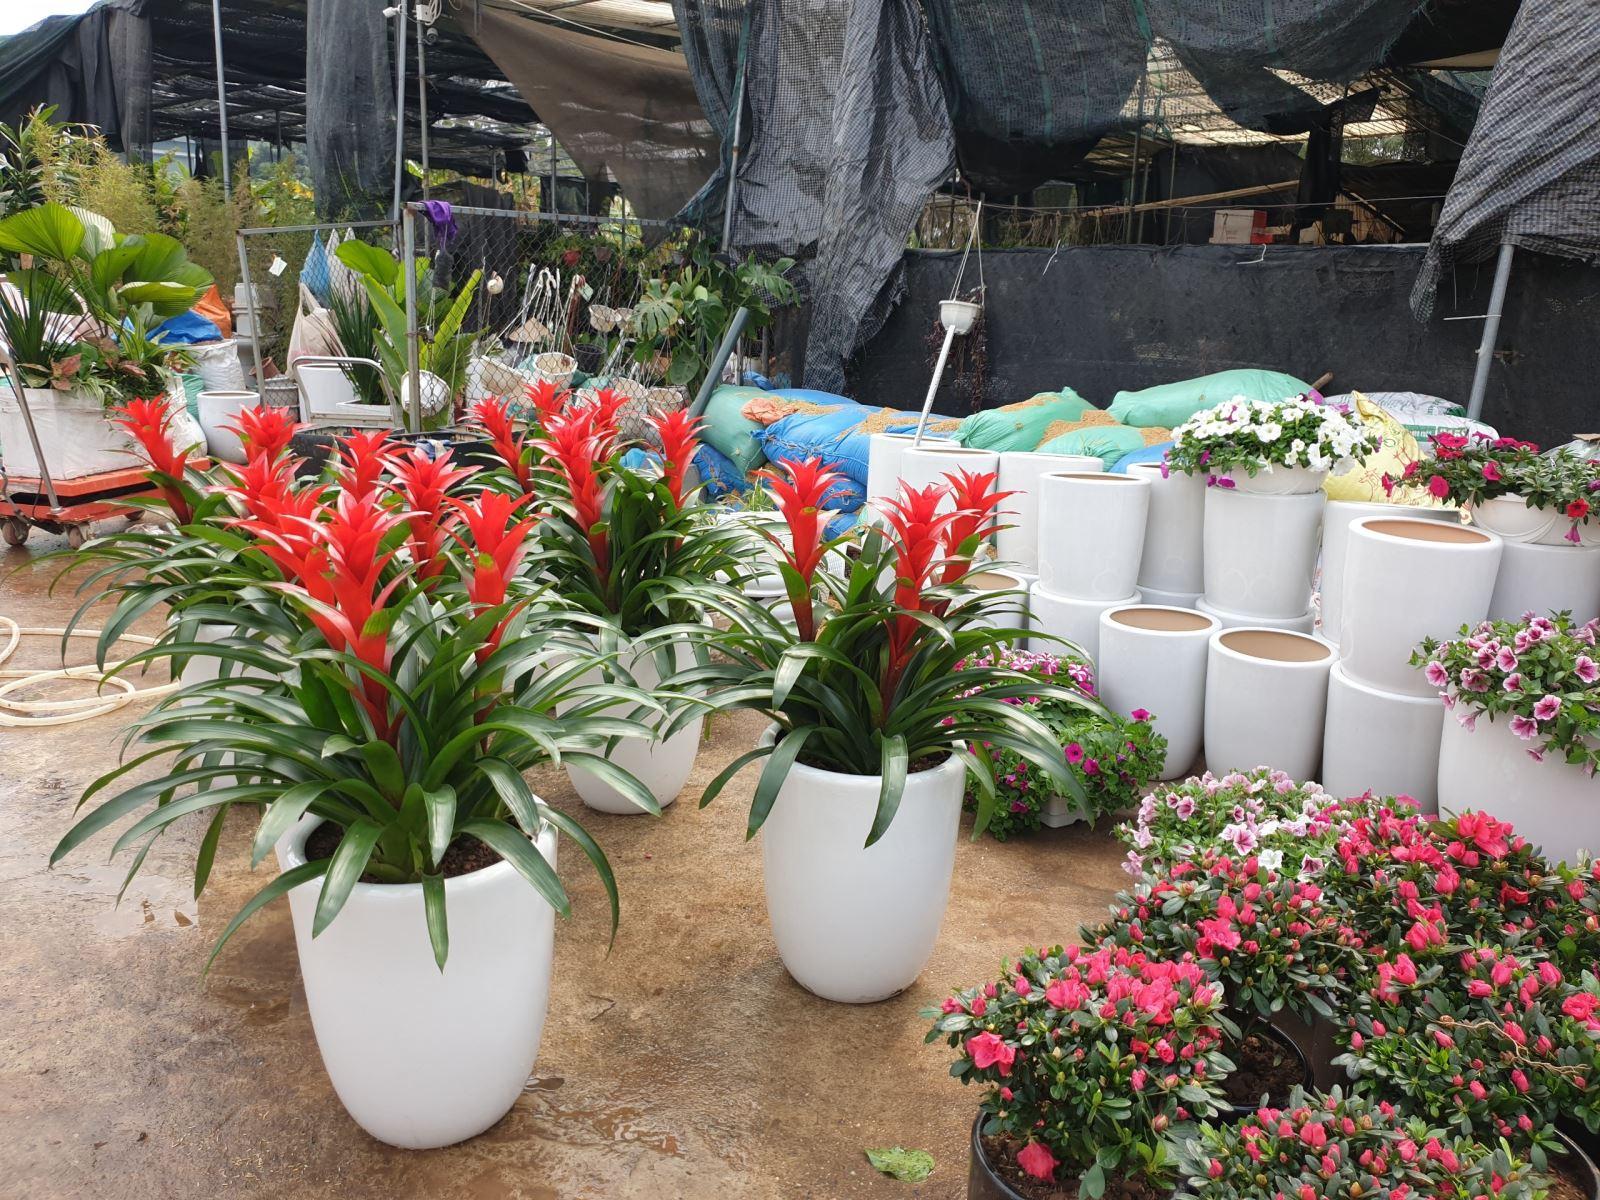 CayCanhNoiThat.vn - Cây cảnh nội thất, cây cảnh ngoại thất, cho thuê cây cảnh, cây cảnh trang trí, cây cảnh công trình